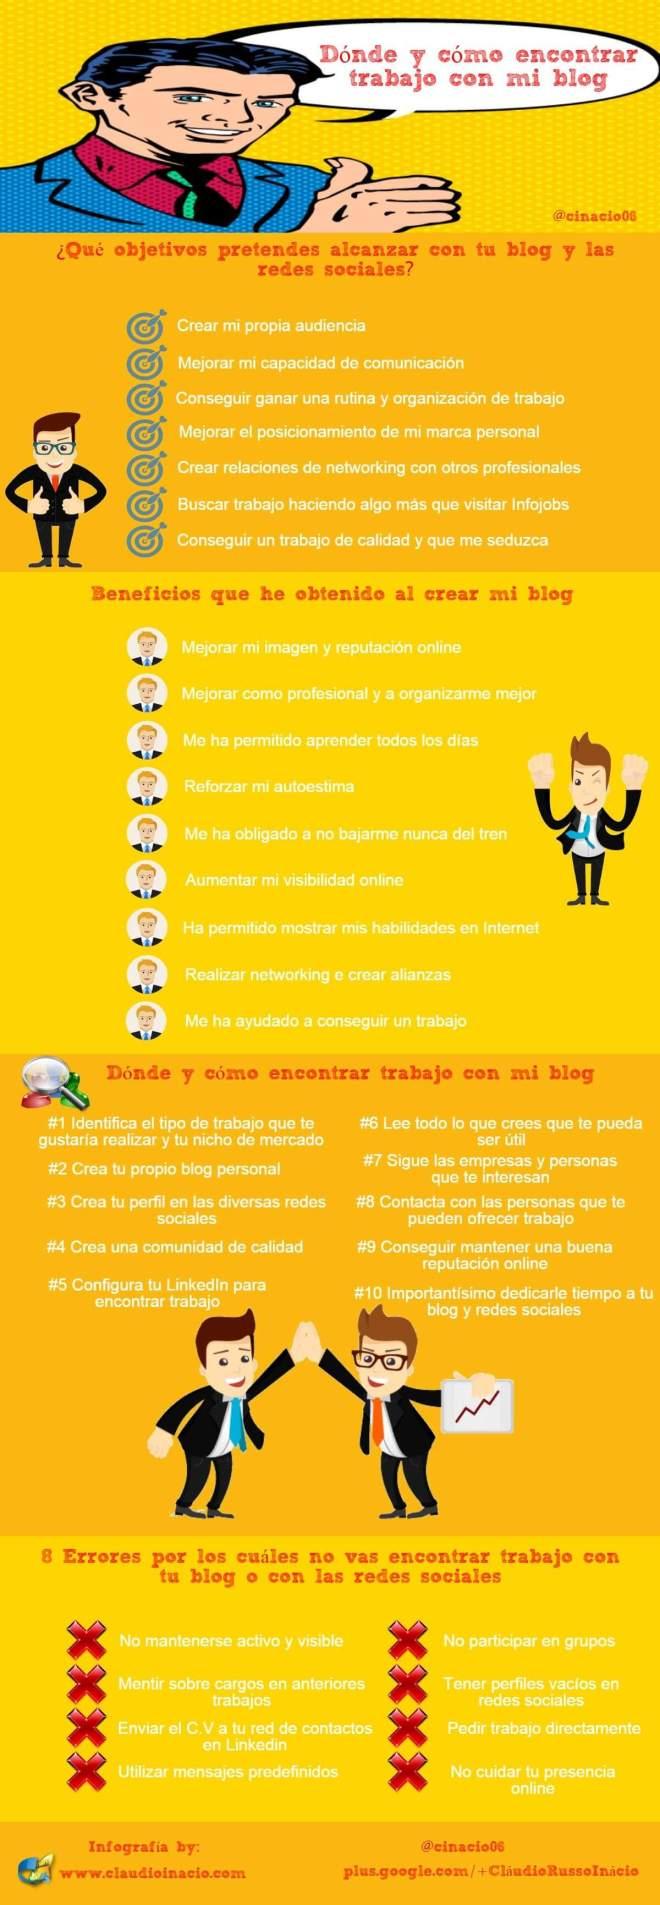 Dónde y cómo buscar trabajo con un Blog